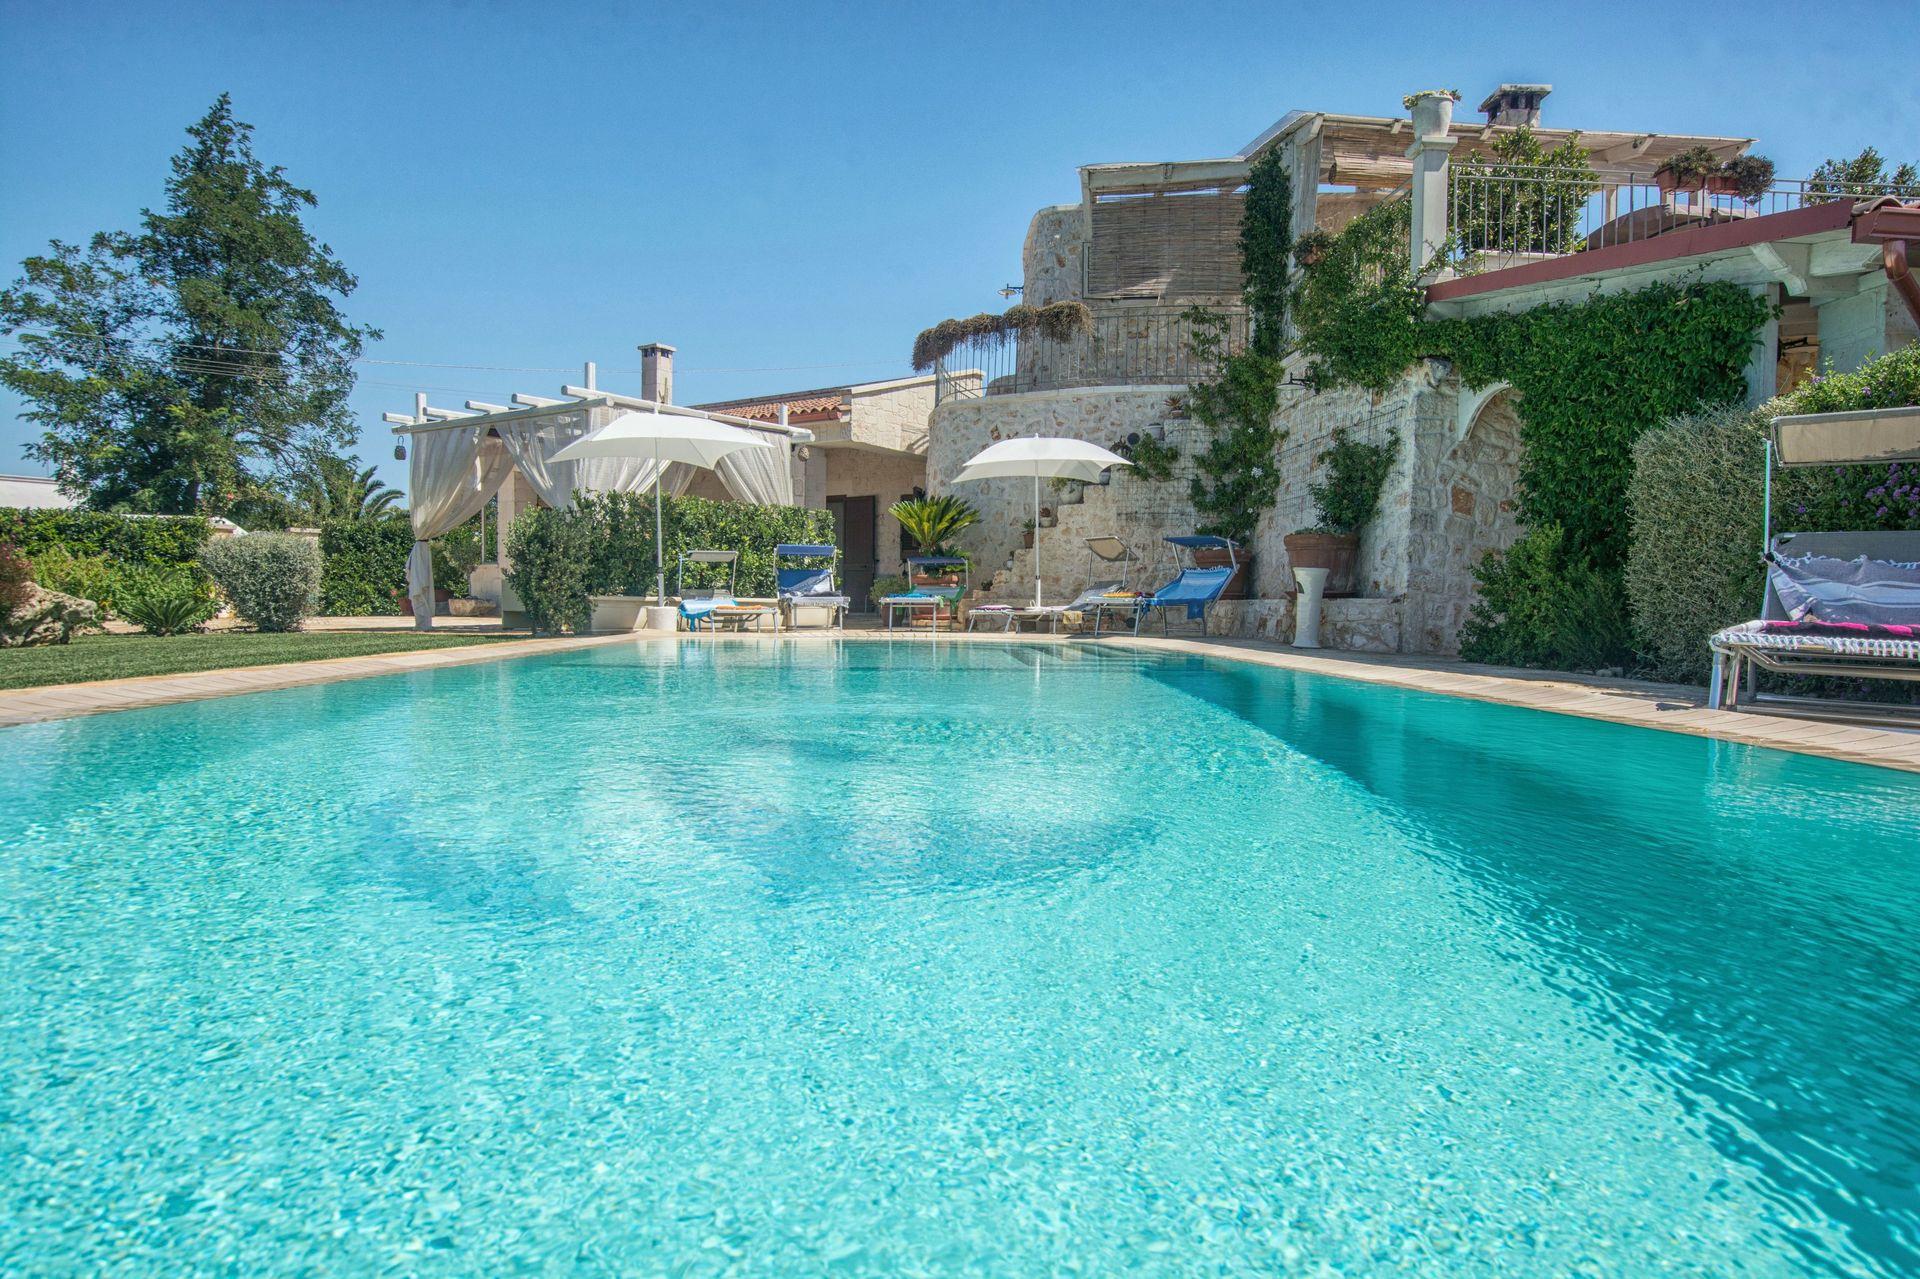 Villa Il Saraceno Location De Vacances - Couchages 8 Dans 4 ... concernant Location Maison Piscine Privée Dernière Minute